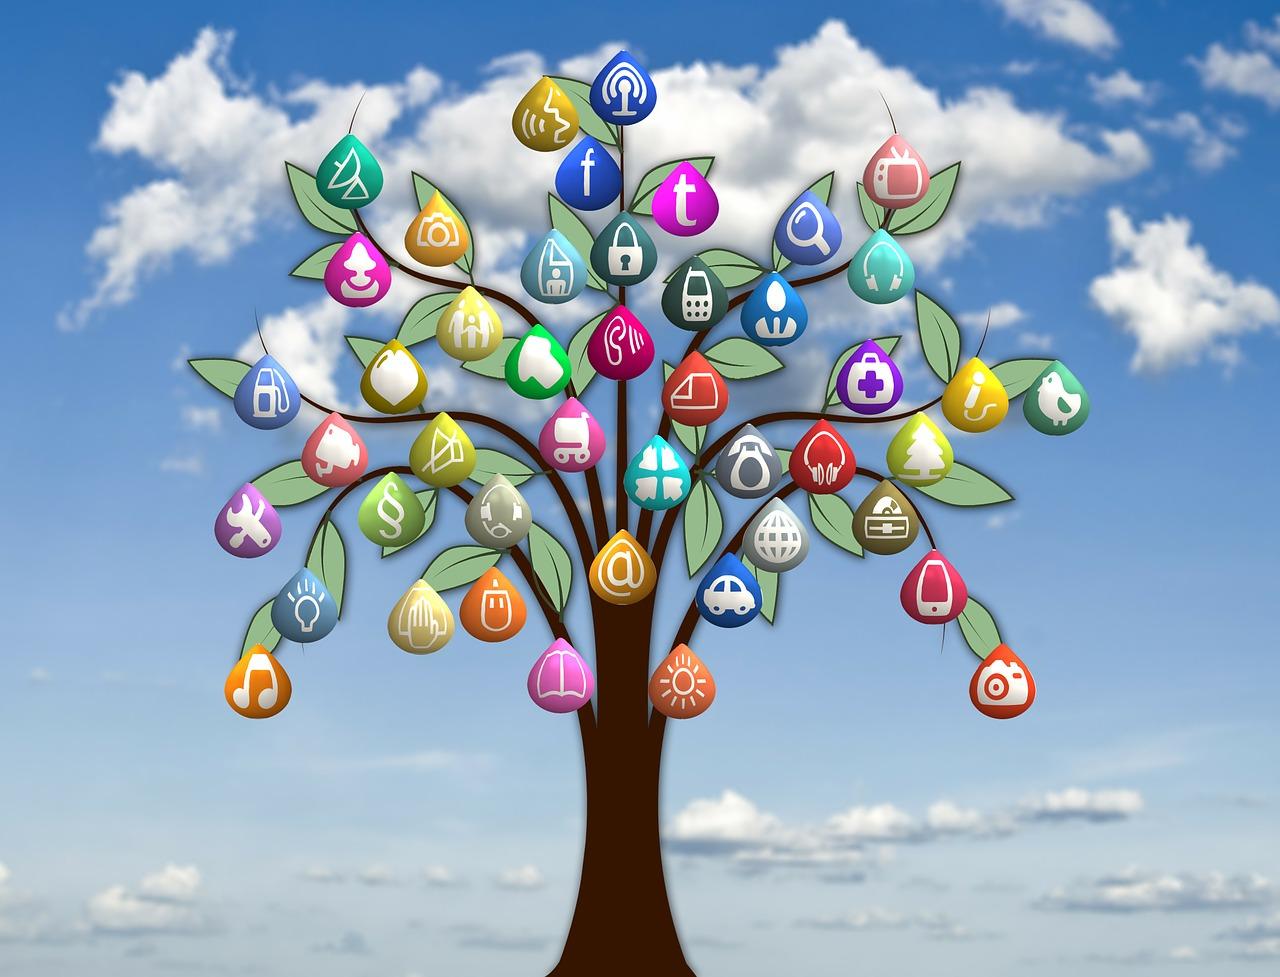 Gesundheitspolitik: Qualitäts-TÜV für Apps und digitale Anwendungen?